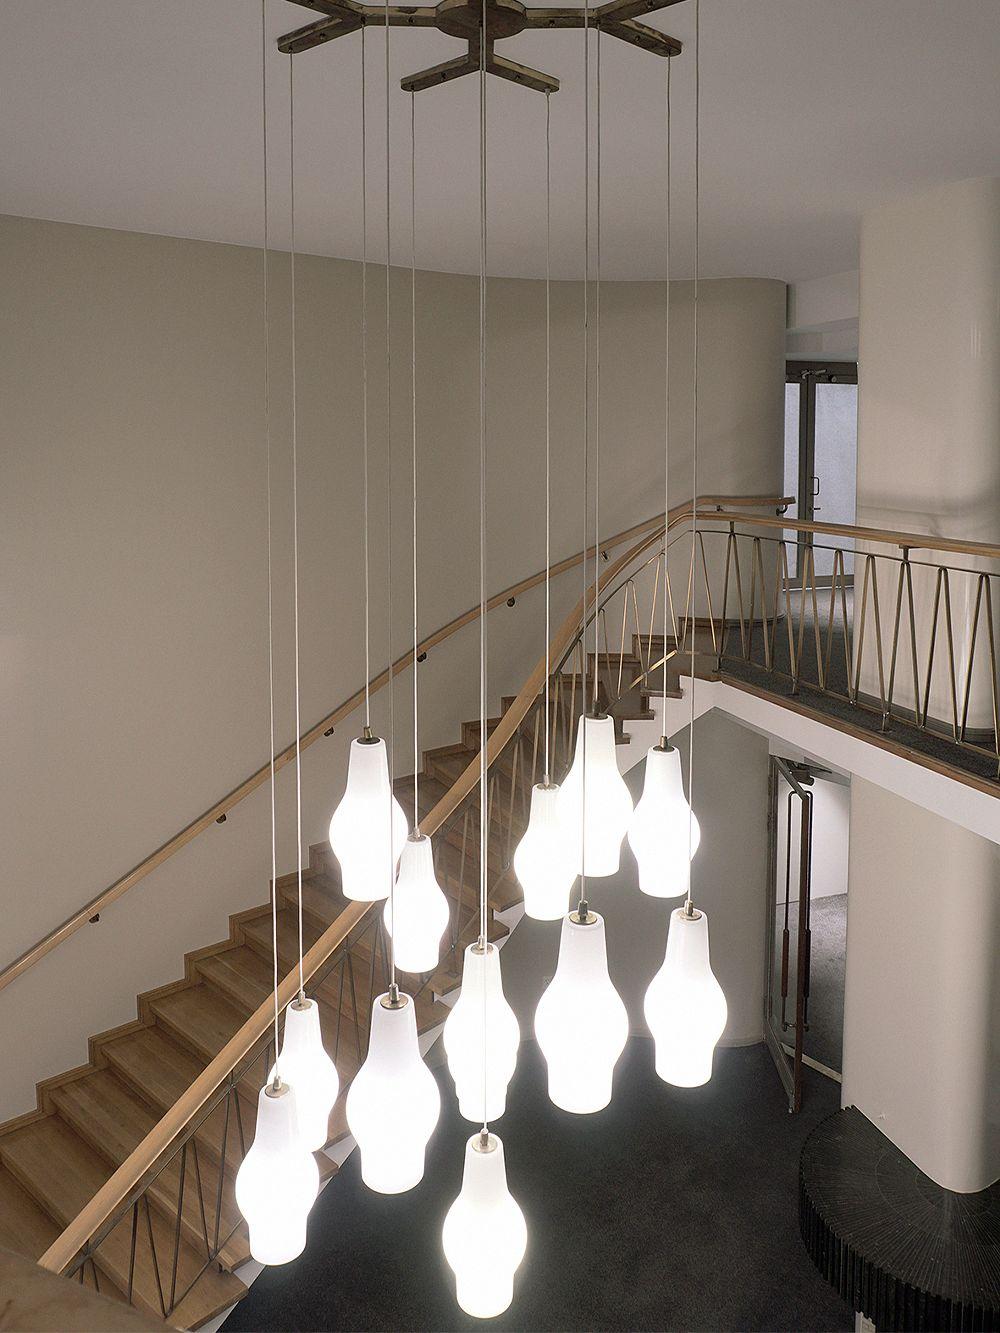 Hotelli Vaakuna yläkerroksen aula